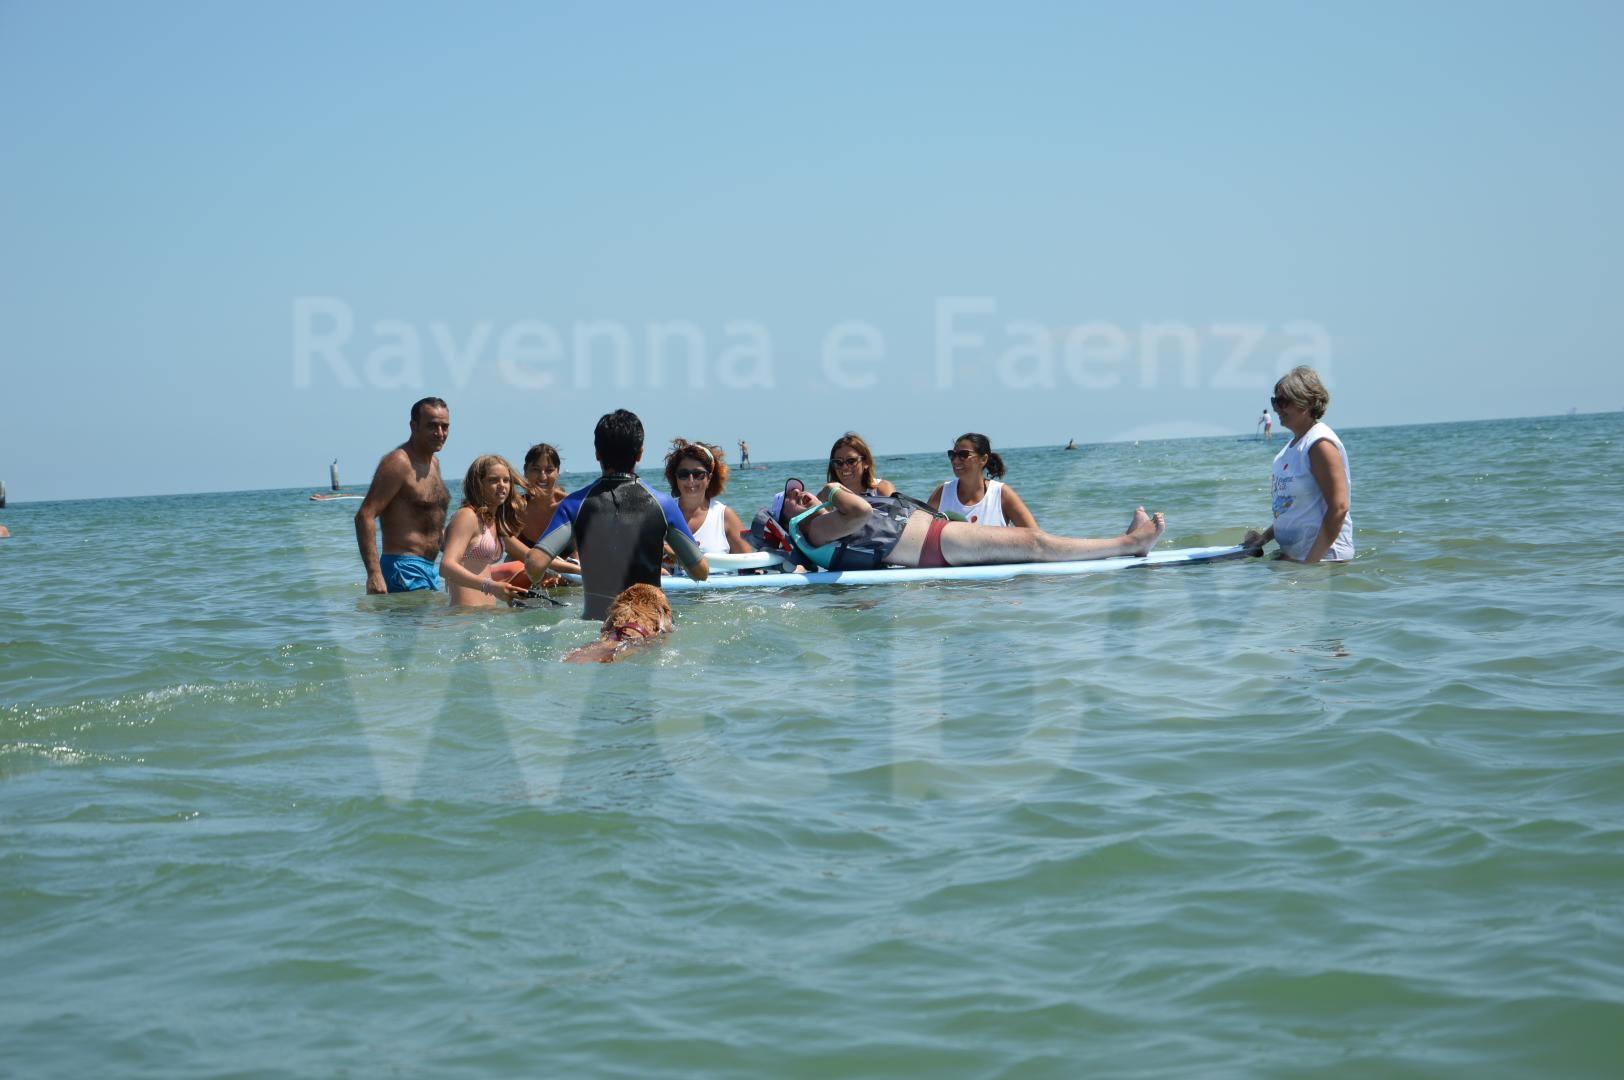 """Before the Flood: Solidarietà, una giornata al Bagno """"Tutti al mare, nessuno escluso"""" [da RavennaWebTv]"""